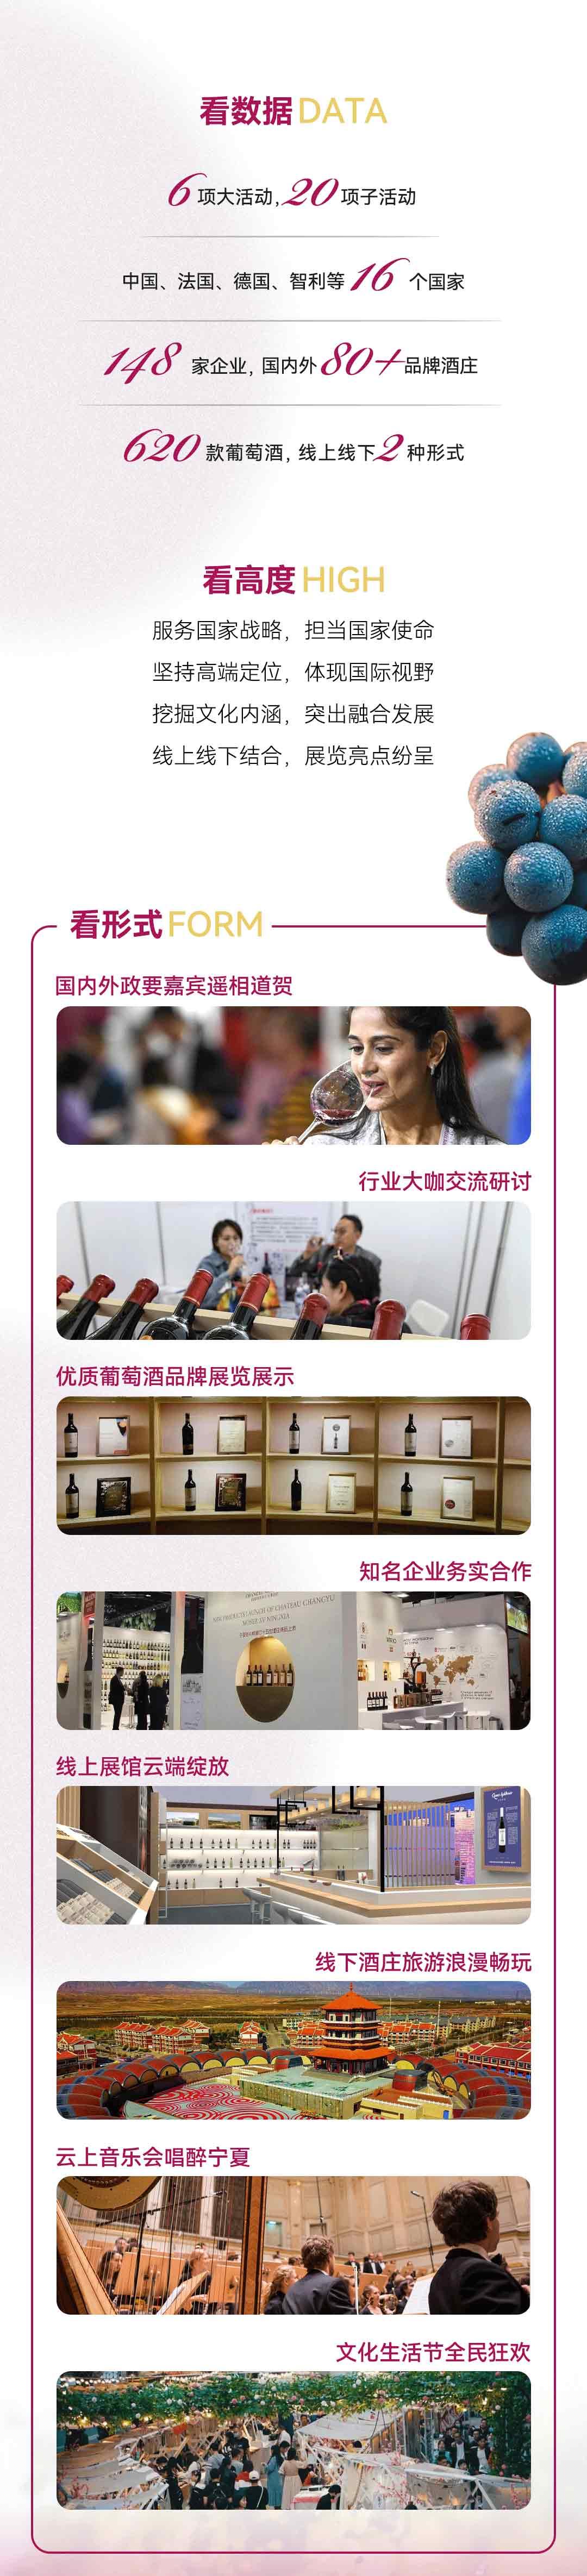 宁夏葡萄酒酒庄